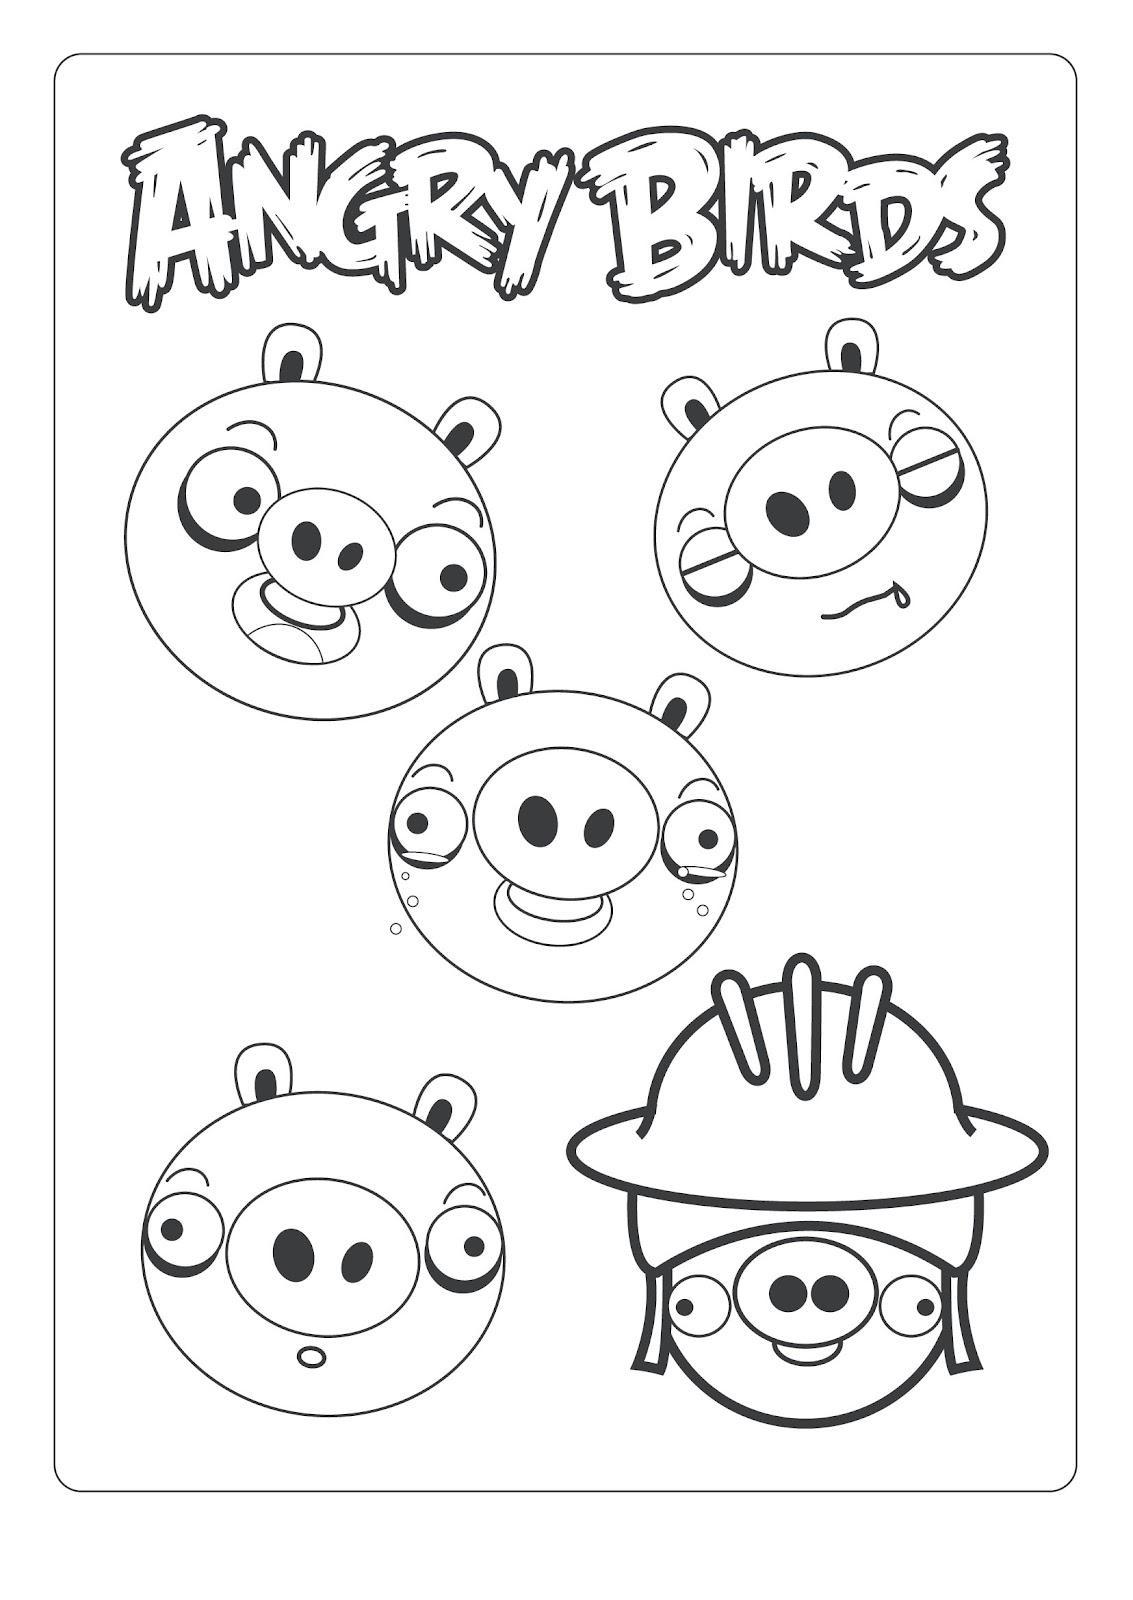 Dibujo para colorear de Bad Piggies: Cerdos poniendo caritas